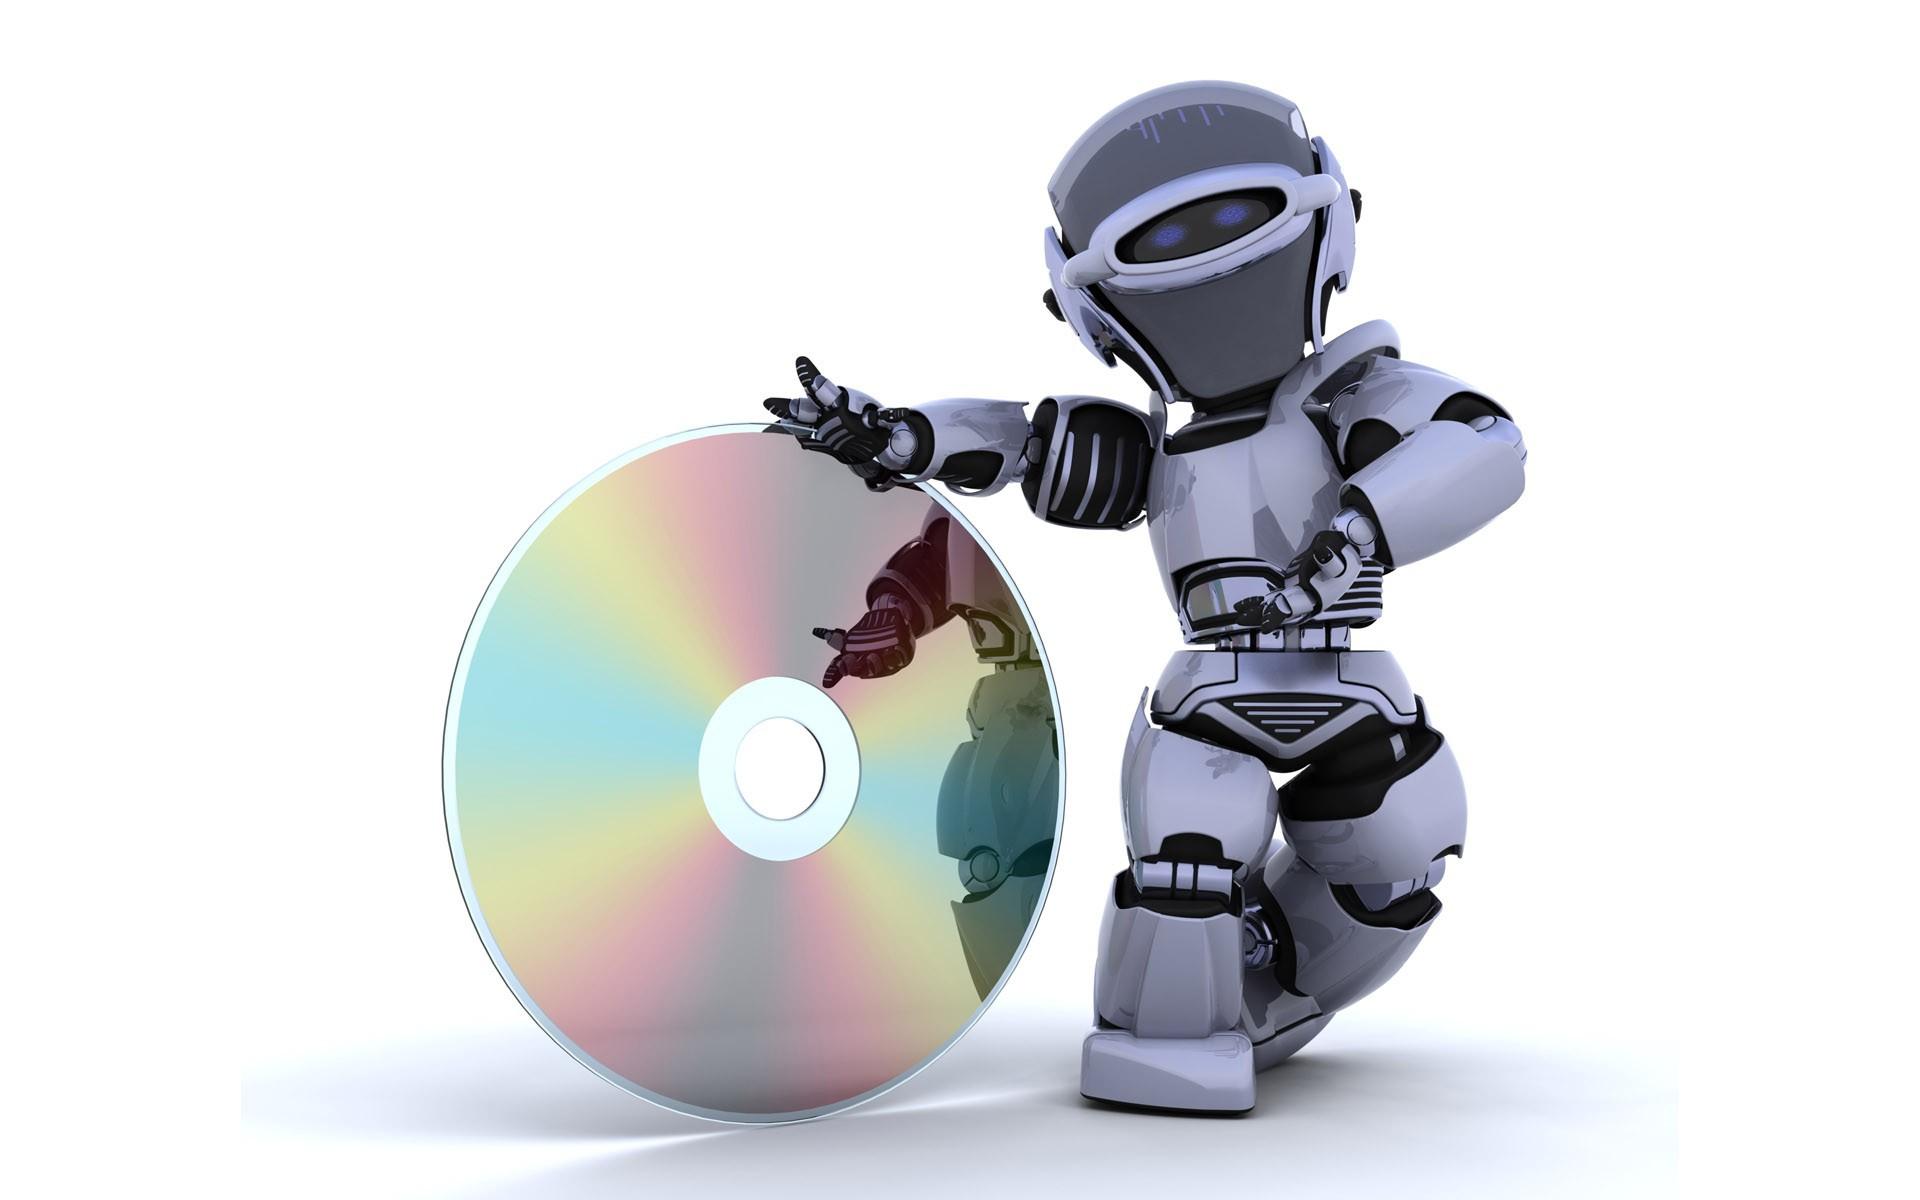 3d images of robots